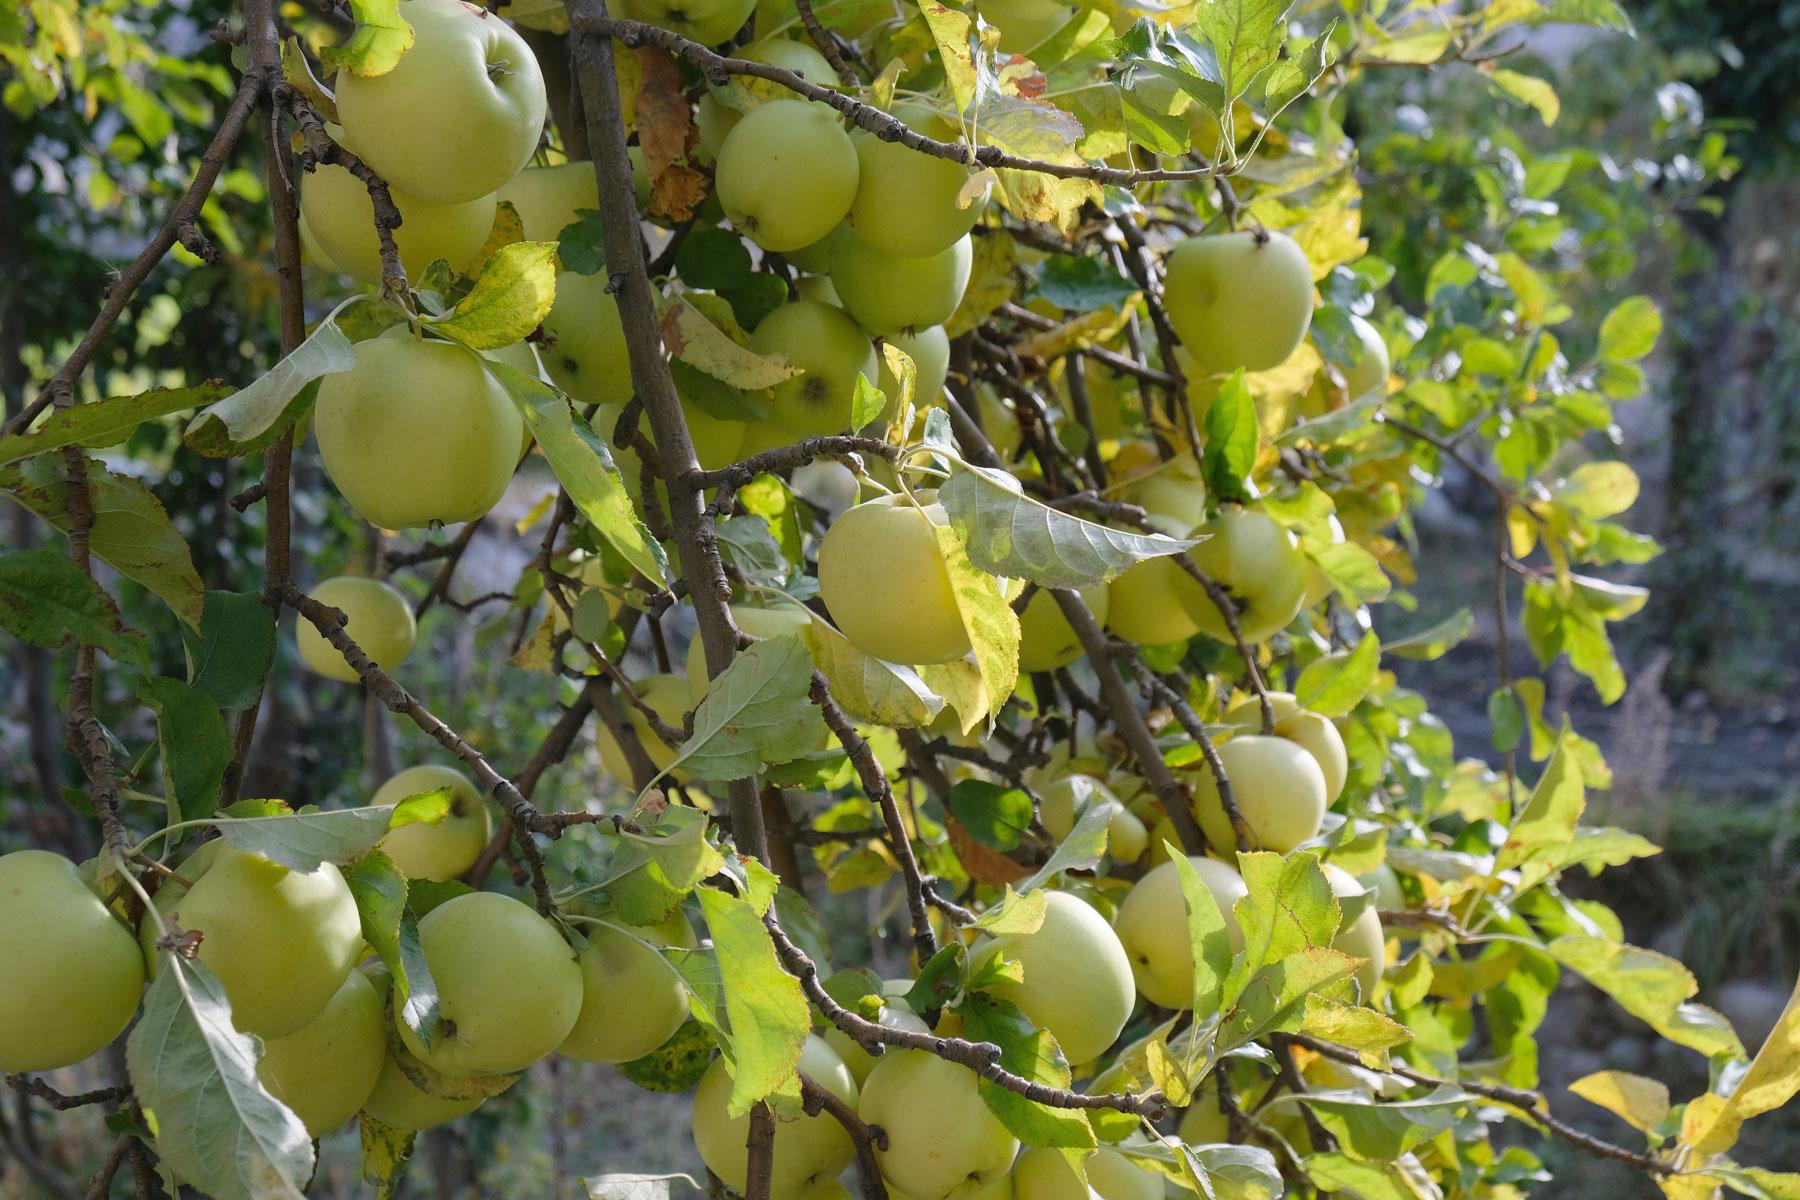 ...und wir kommen in den Genuss der köstlichen Hunza-Äpfel.